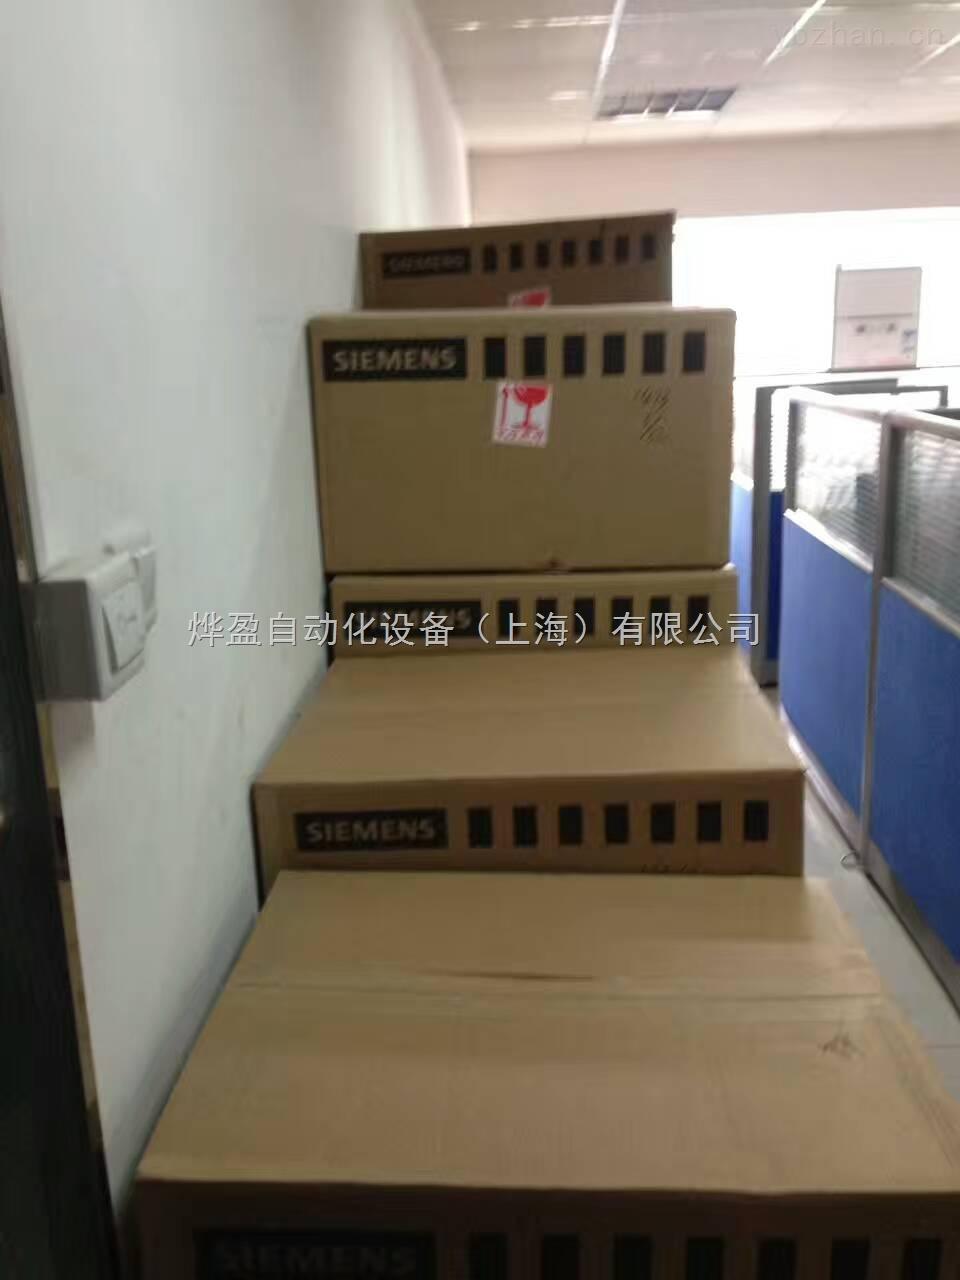 进口U23分析仪配件7MB2337-0AE00-3DL1